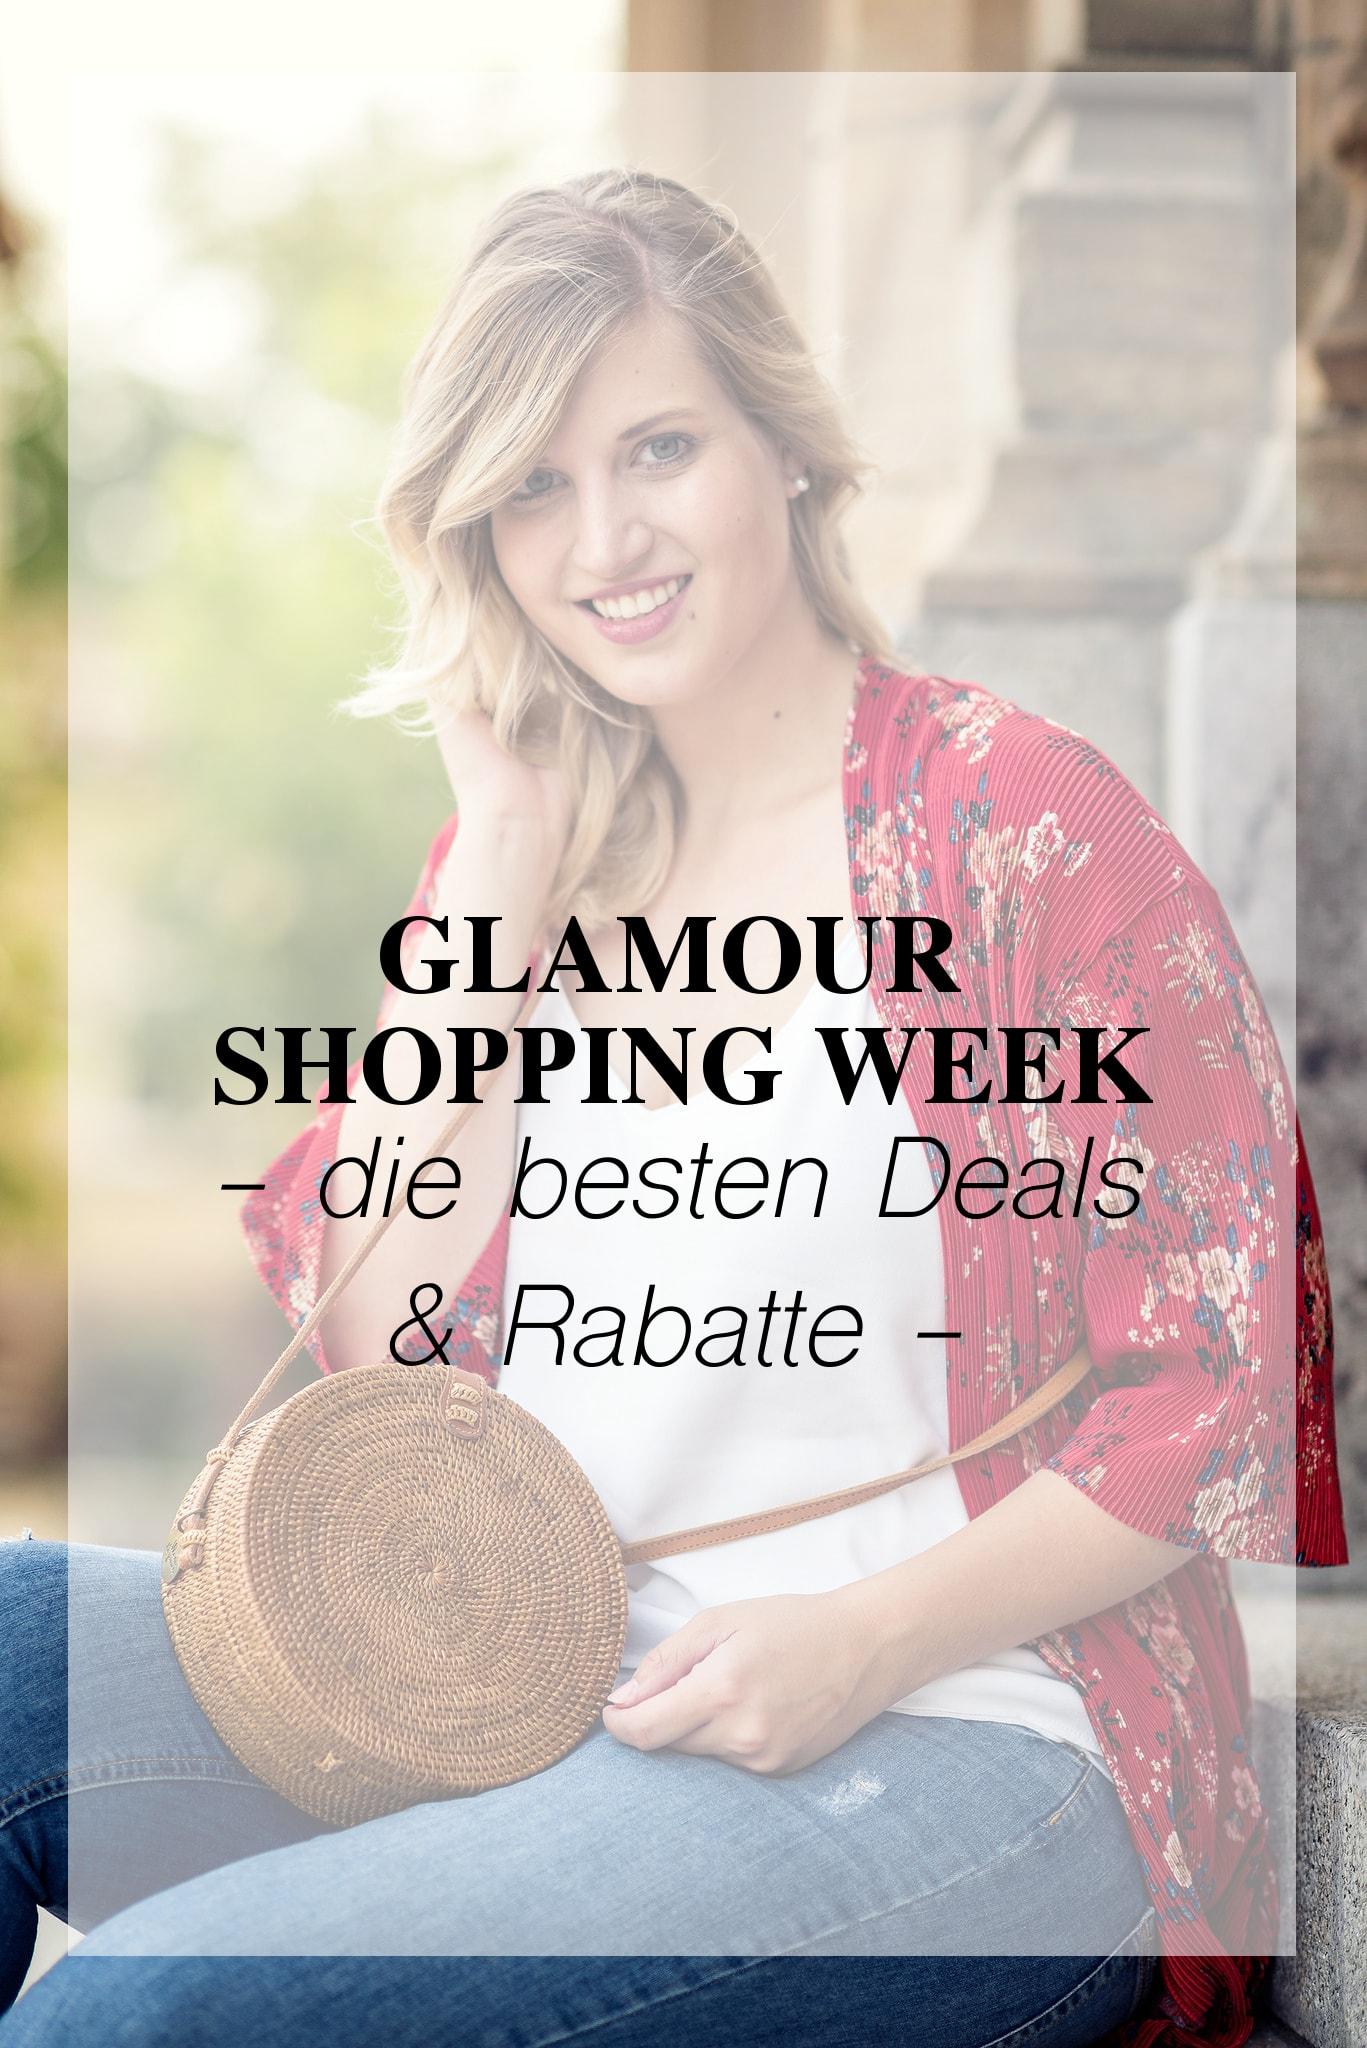 Glamour Shopping Week 2017: Die besten Rabatte auf einen Blick